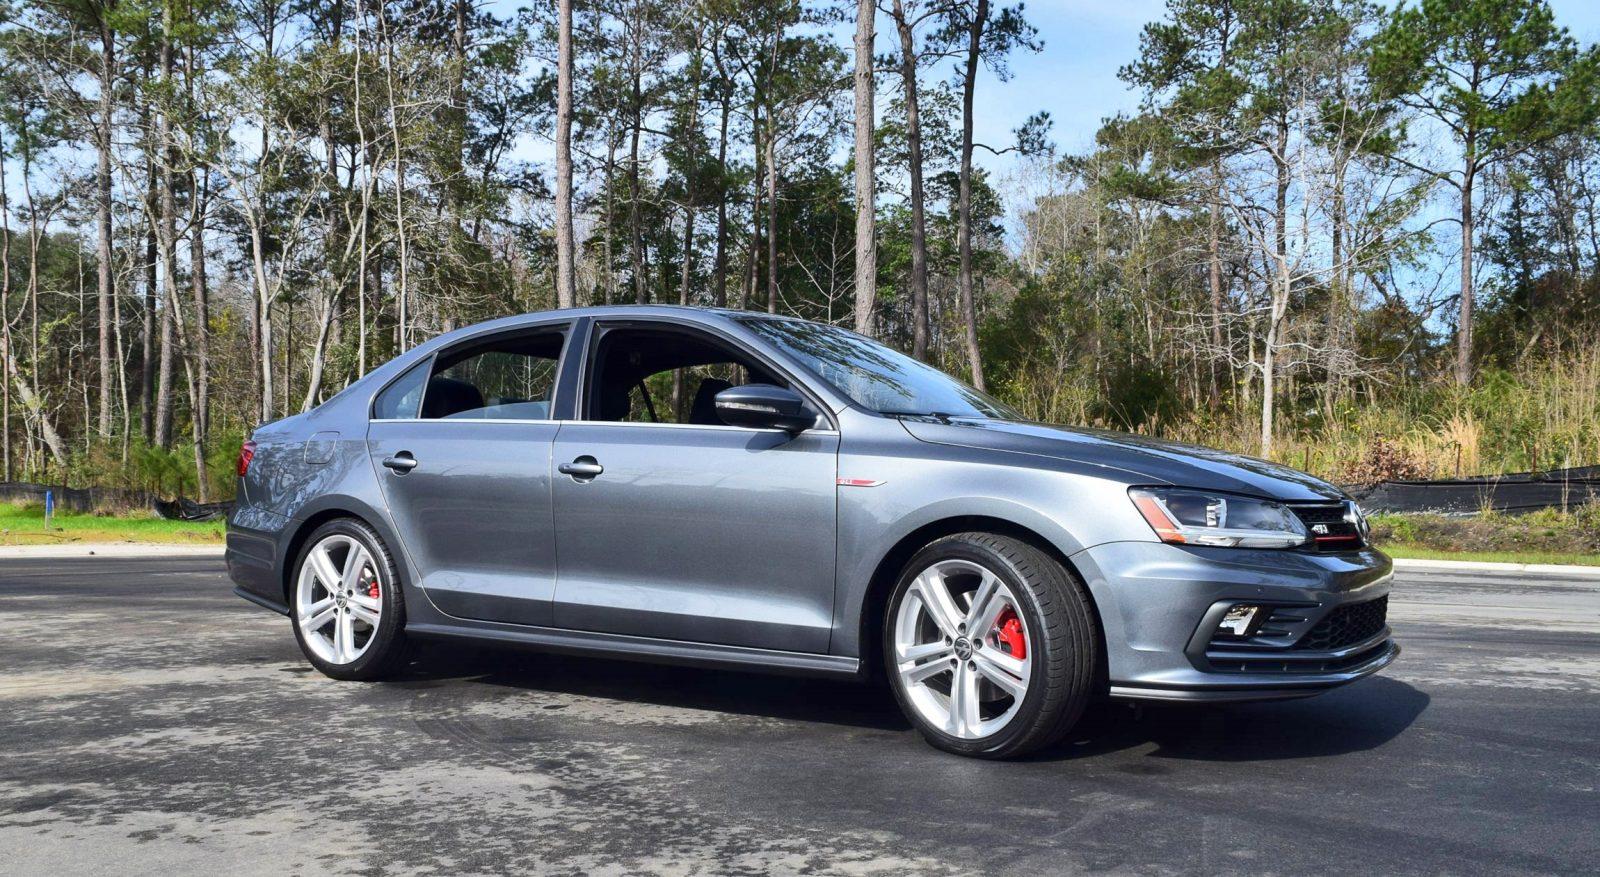 2017 Vw Jetta >> 2017 VW Jetta GLI DSG Automatic - HD Road Test Review